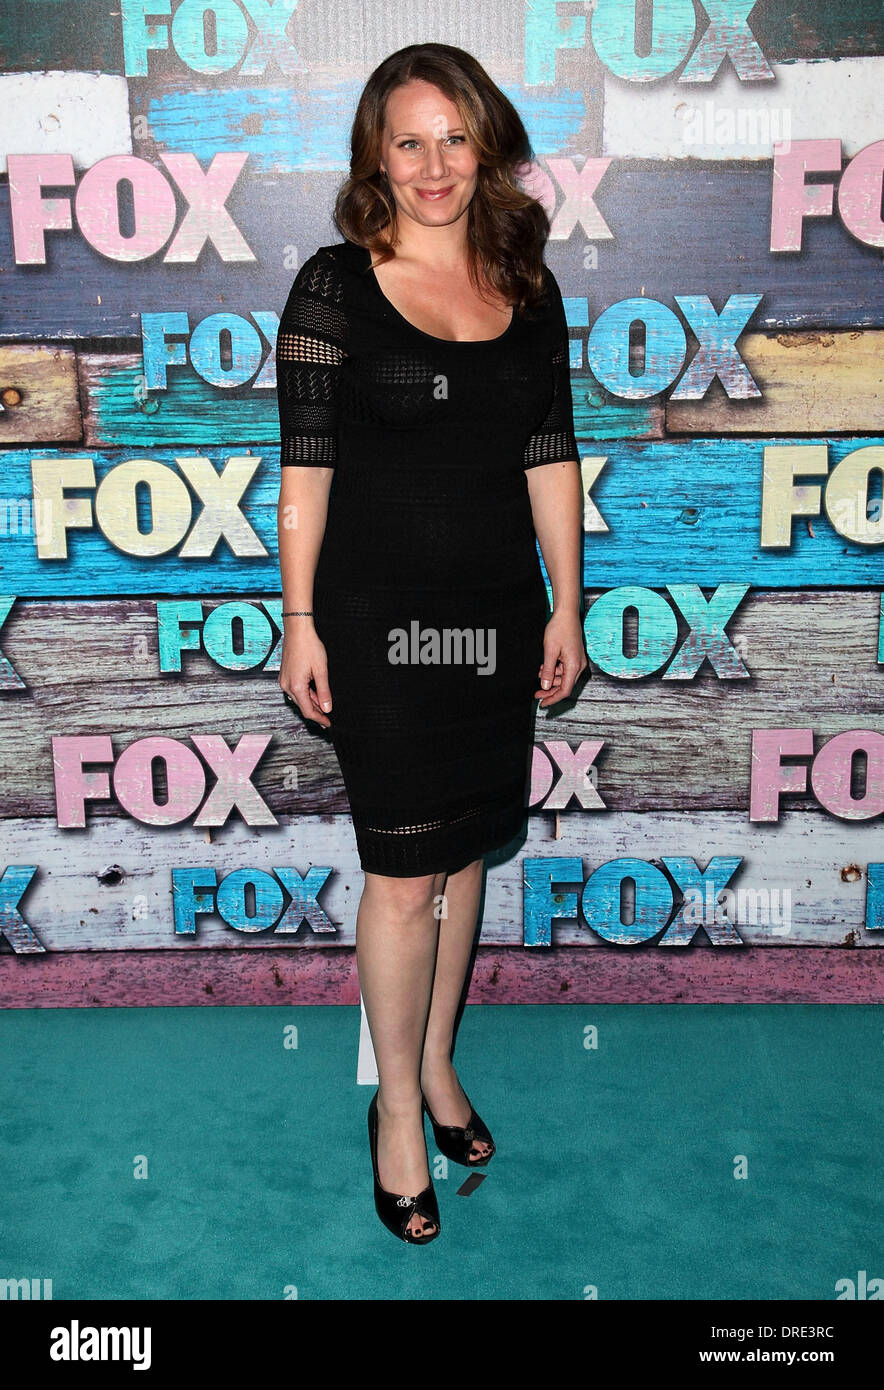 Dana Fox Fox All-Star party held at Soho House - Arrivals Los Stock ...